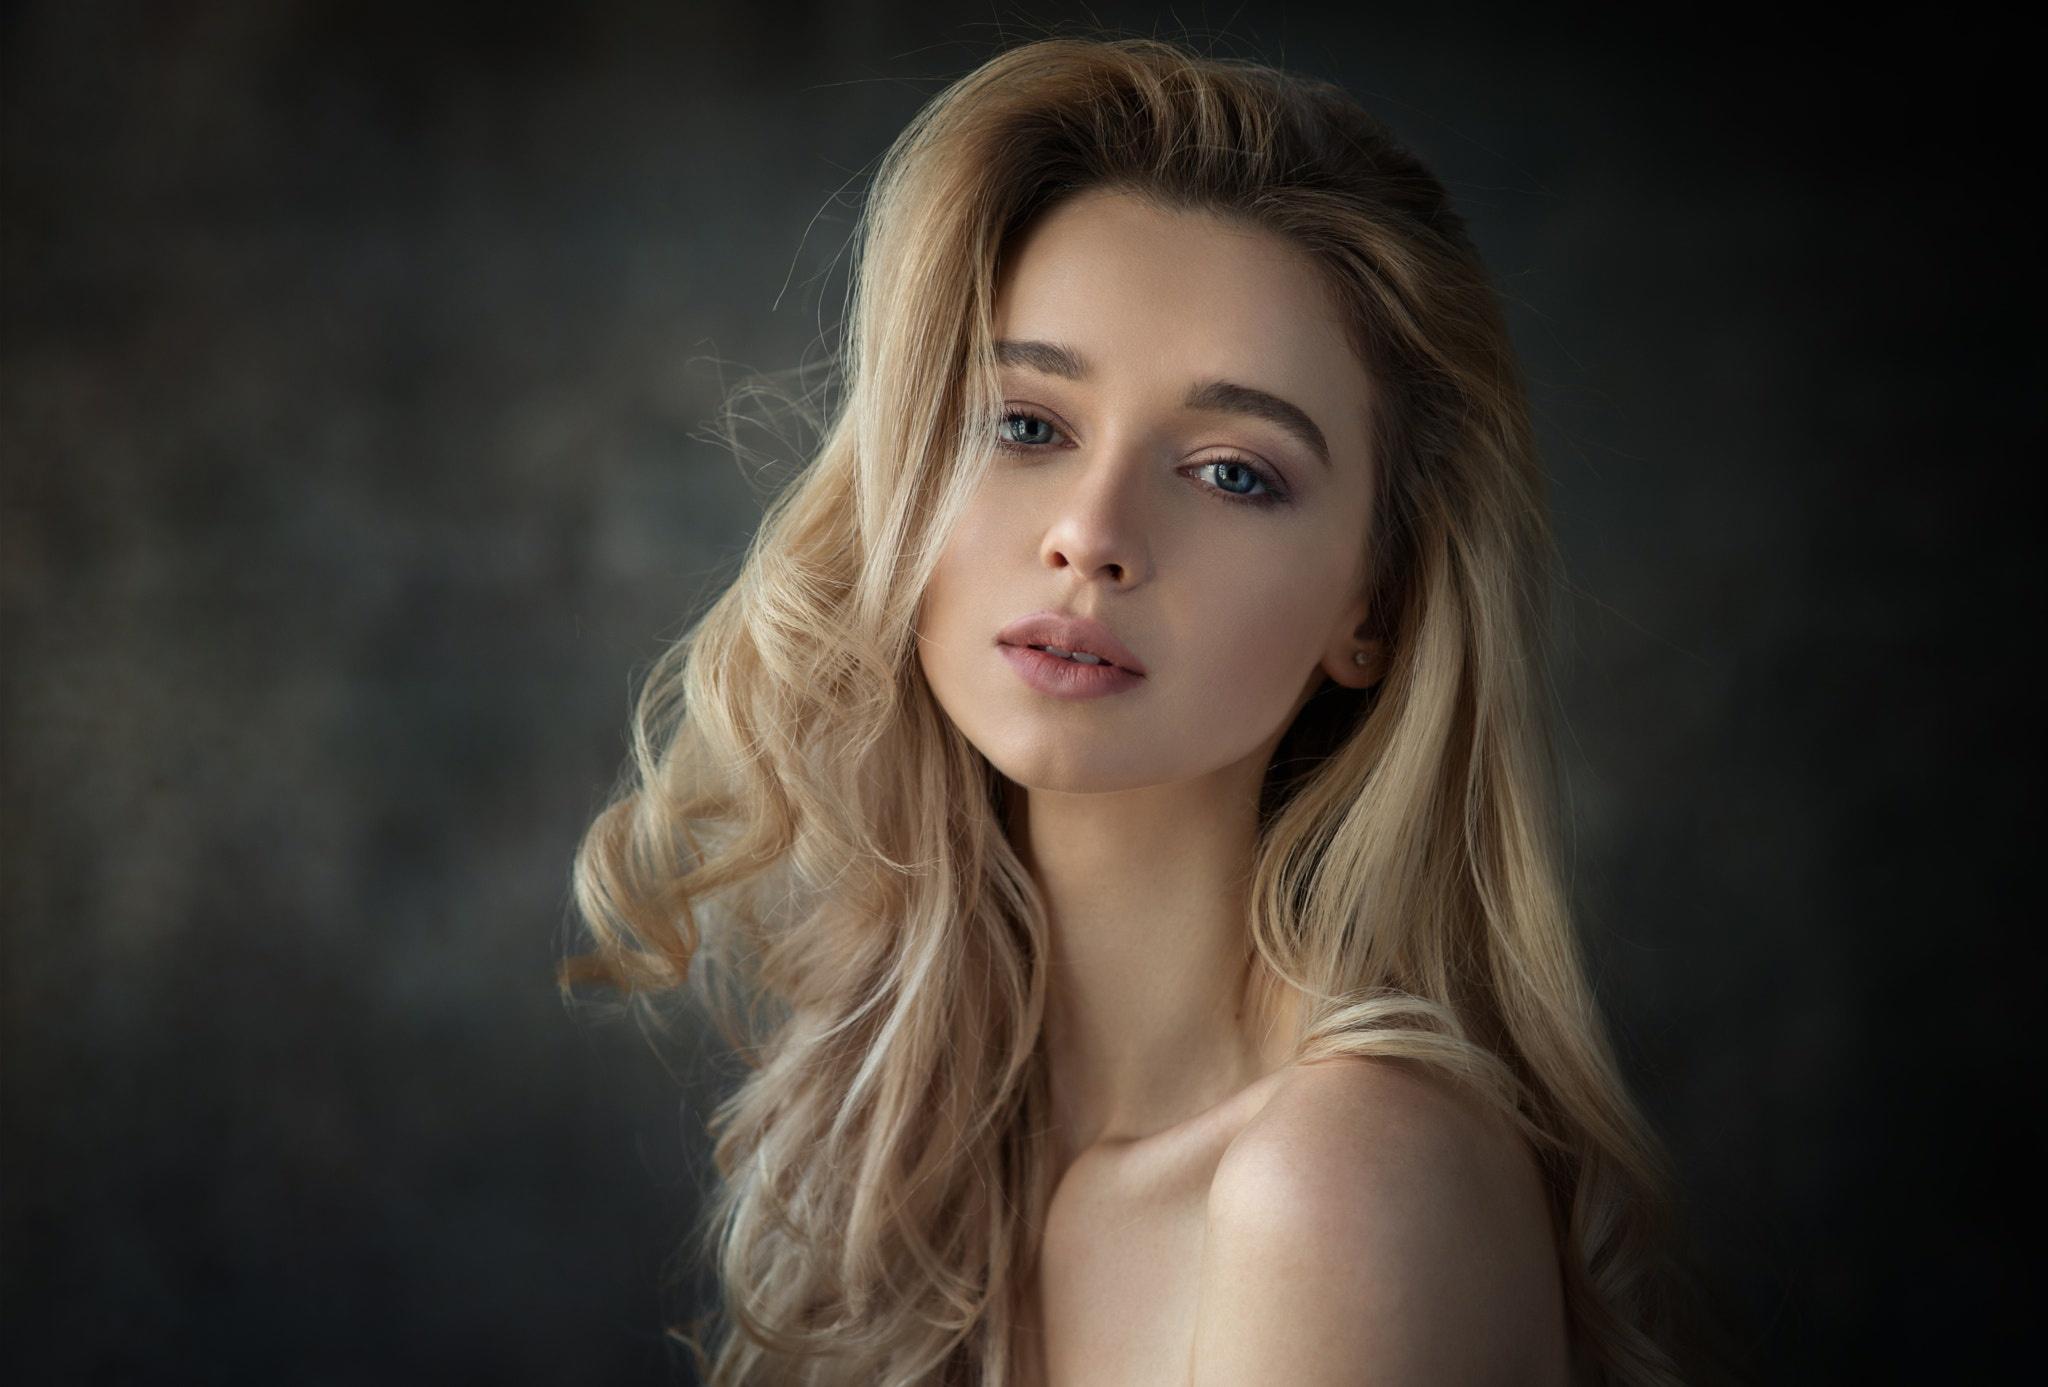 картинки девчонки блондинки профессиональные - 5